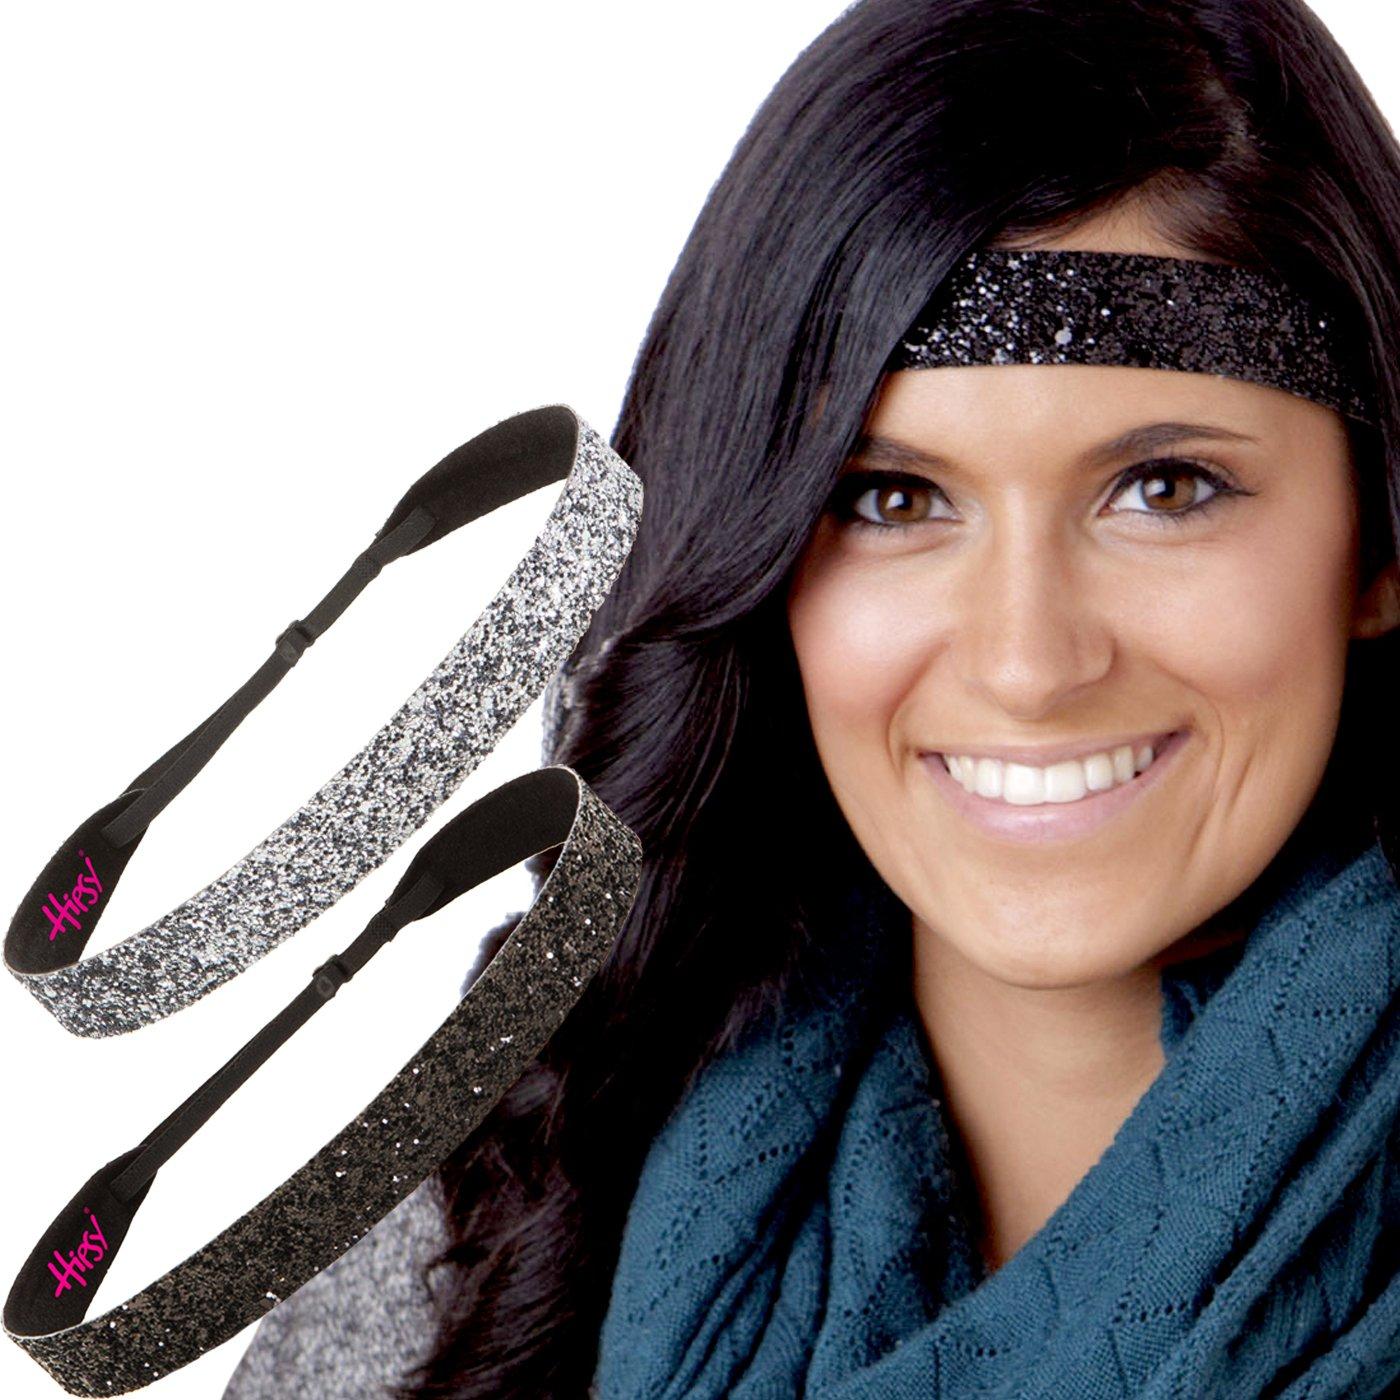 Hipsy Adjustable Non Slip Fashion Wide Bling Glitter Headbands for Women Girls & Teens 2-Pack (Black & Gunmetal)